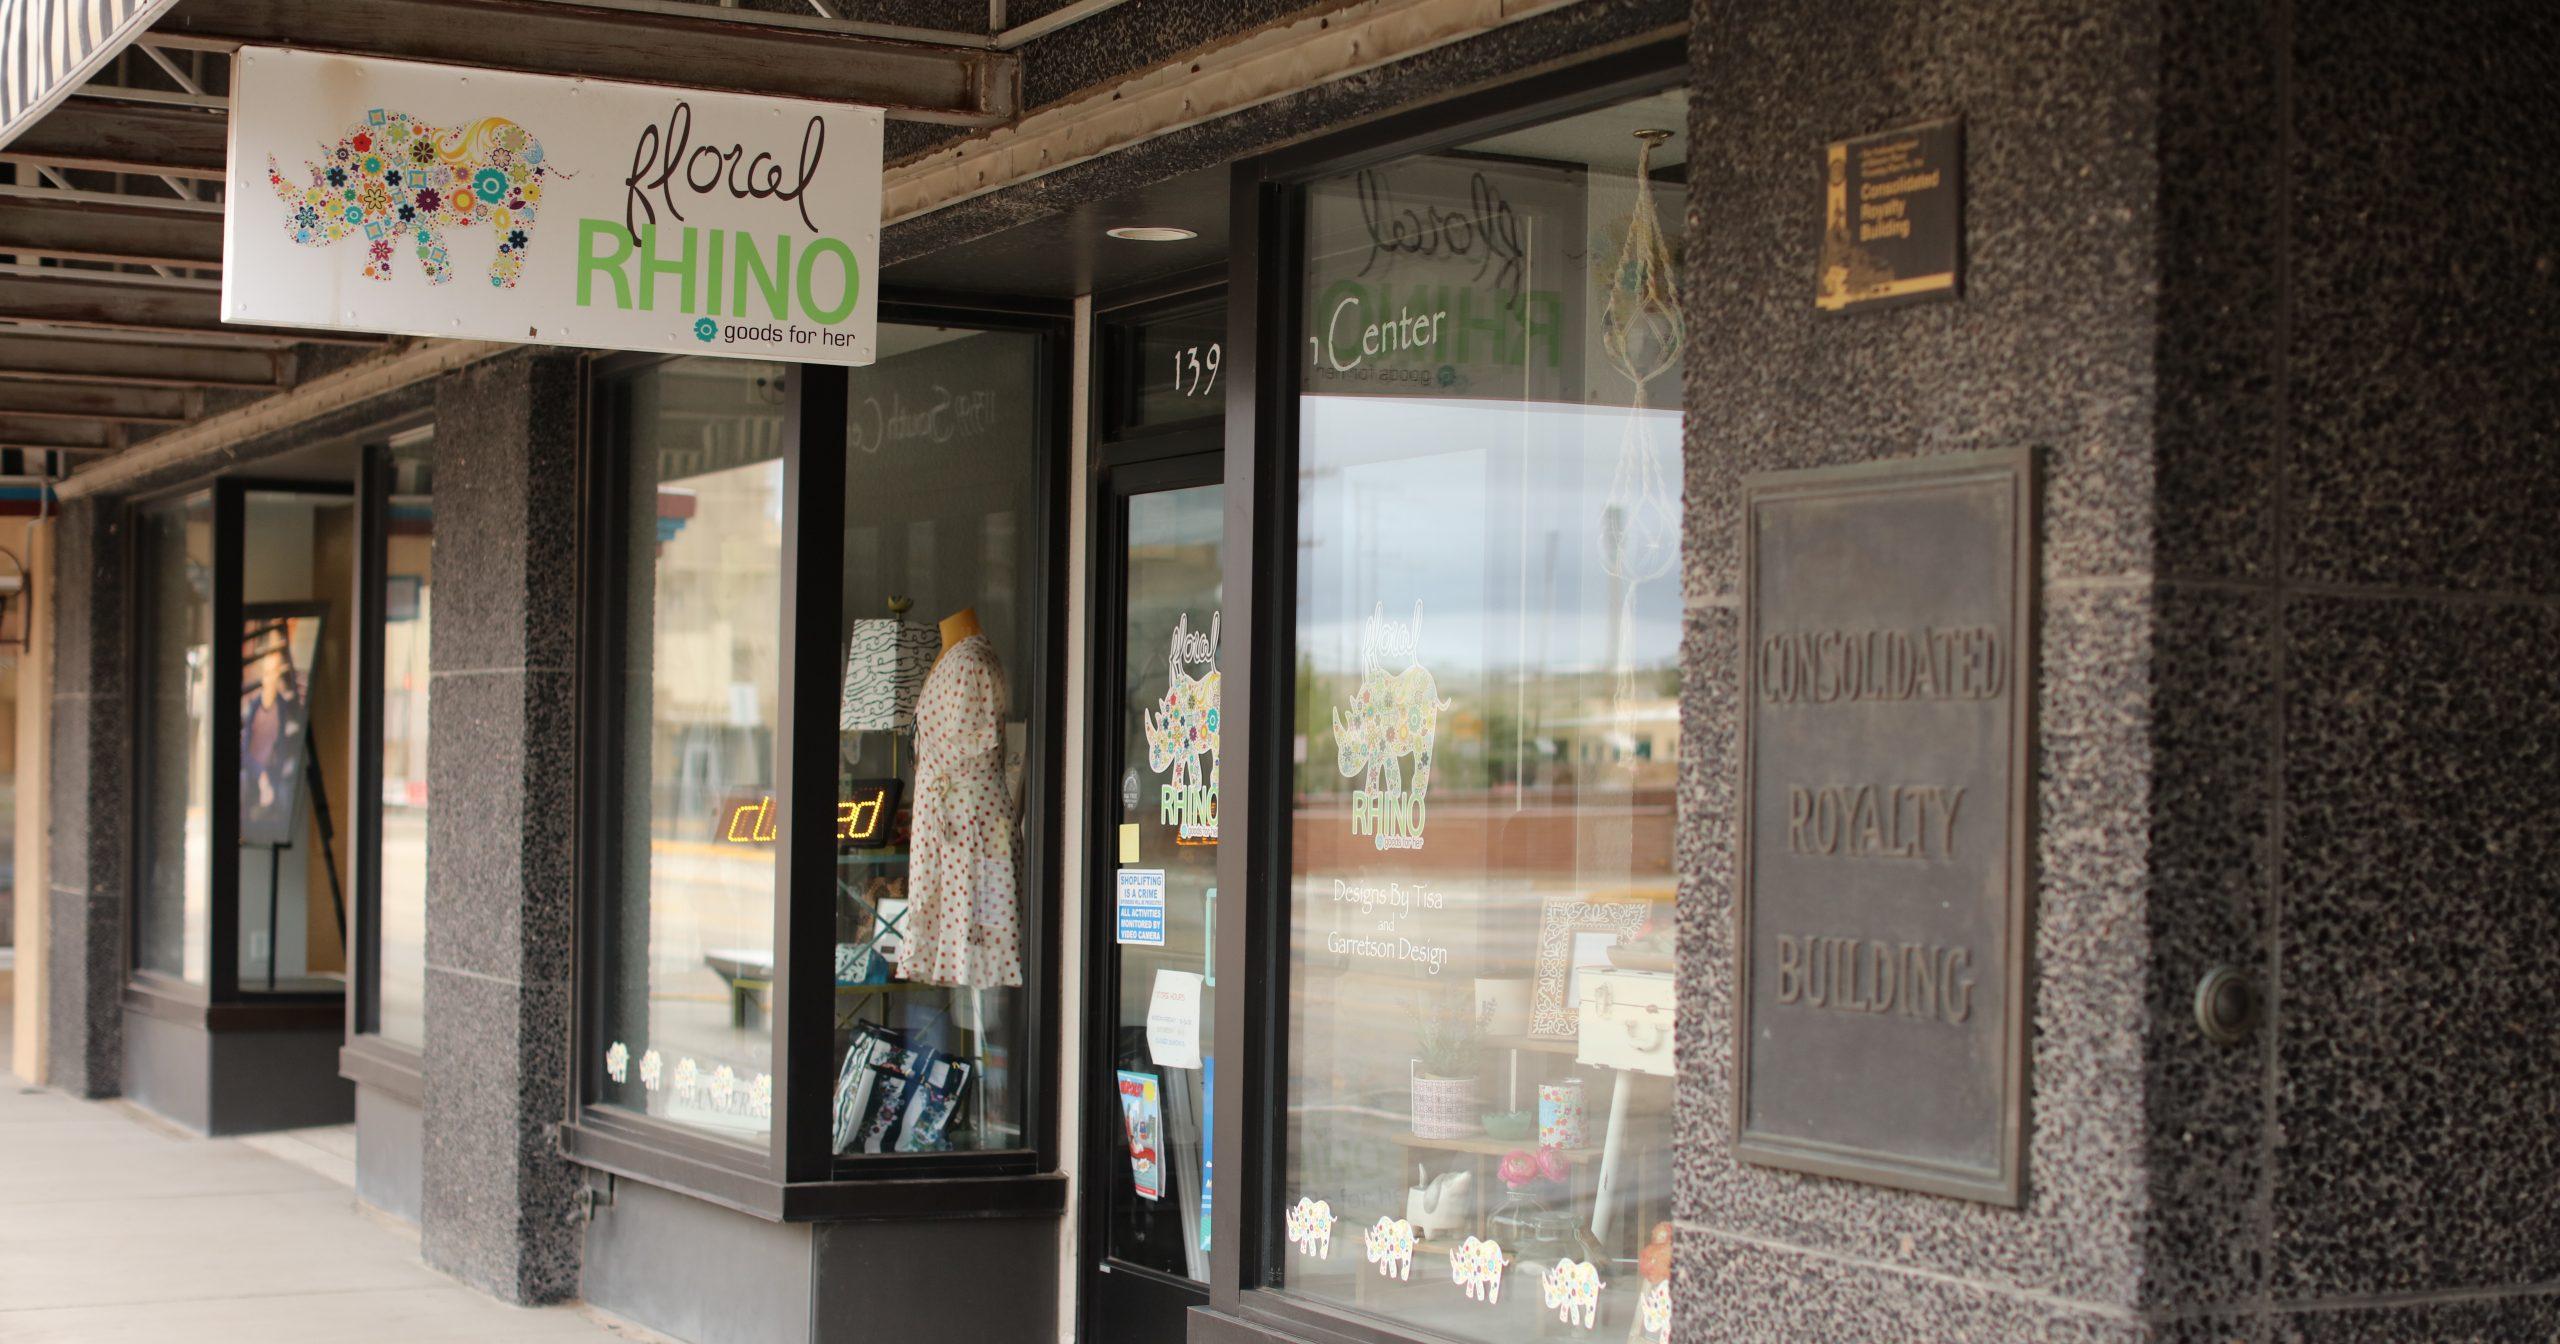 Floral Rhino Casper Wyoming boutique - exterior